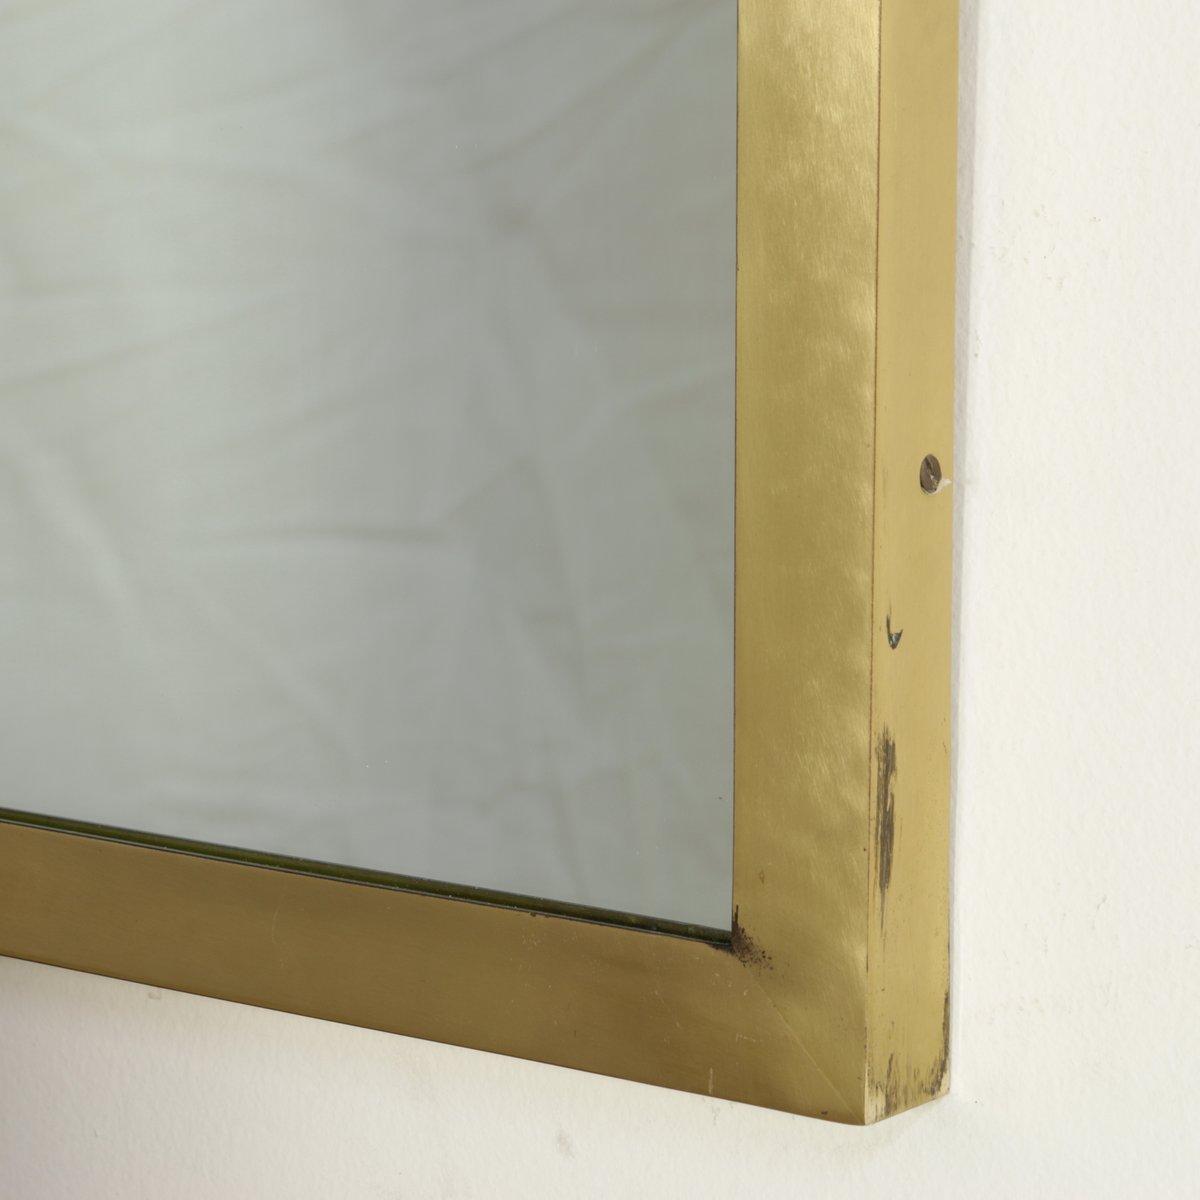 spiegel mit ablage aus nussholz furnier und messing. Black Bedroom Furniture Sets. Home Design Ideas